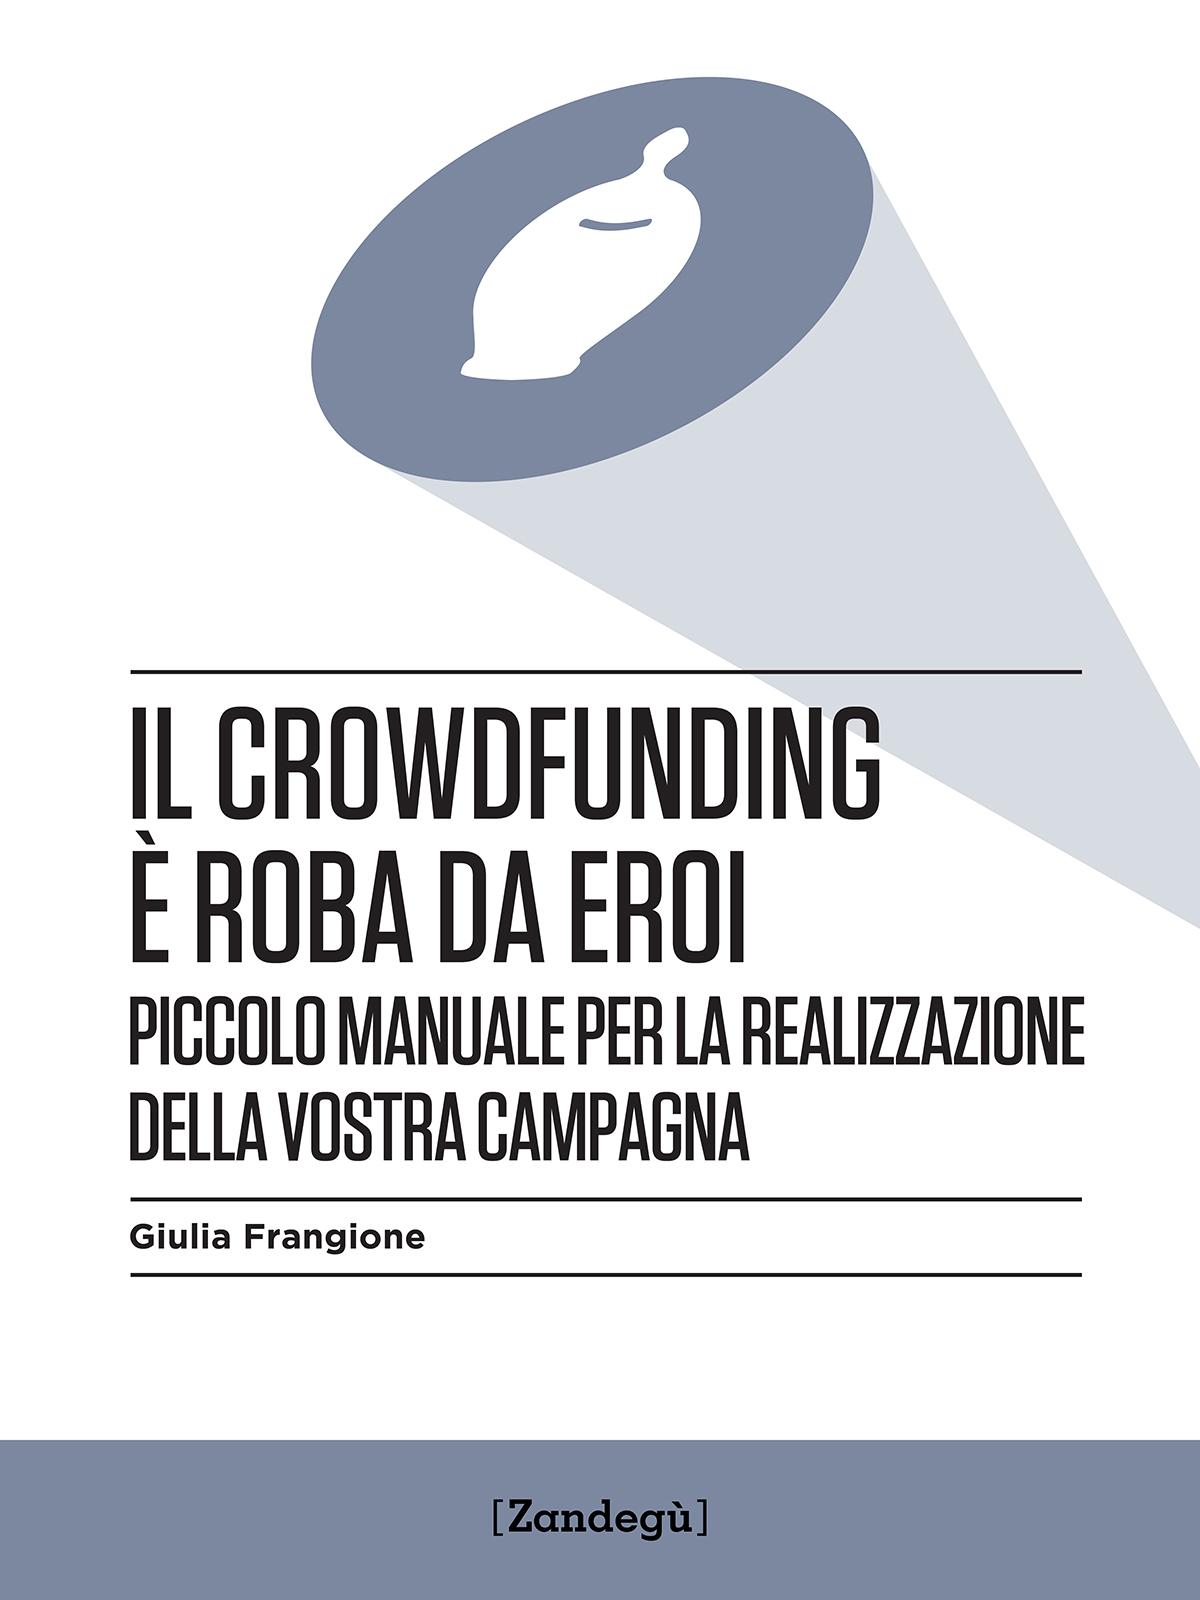 Il crowdfunding è roba da eroi